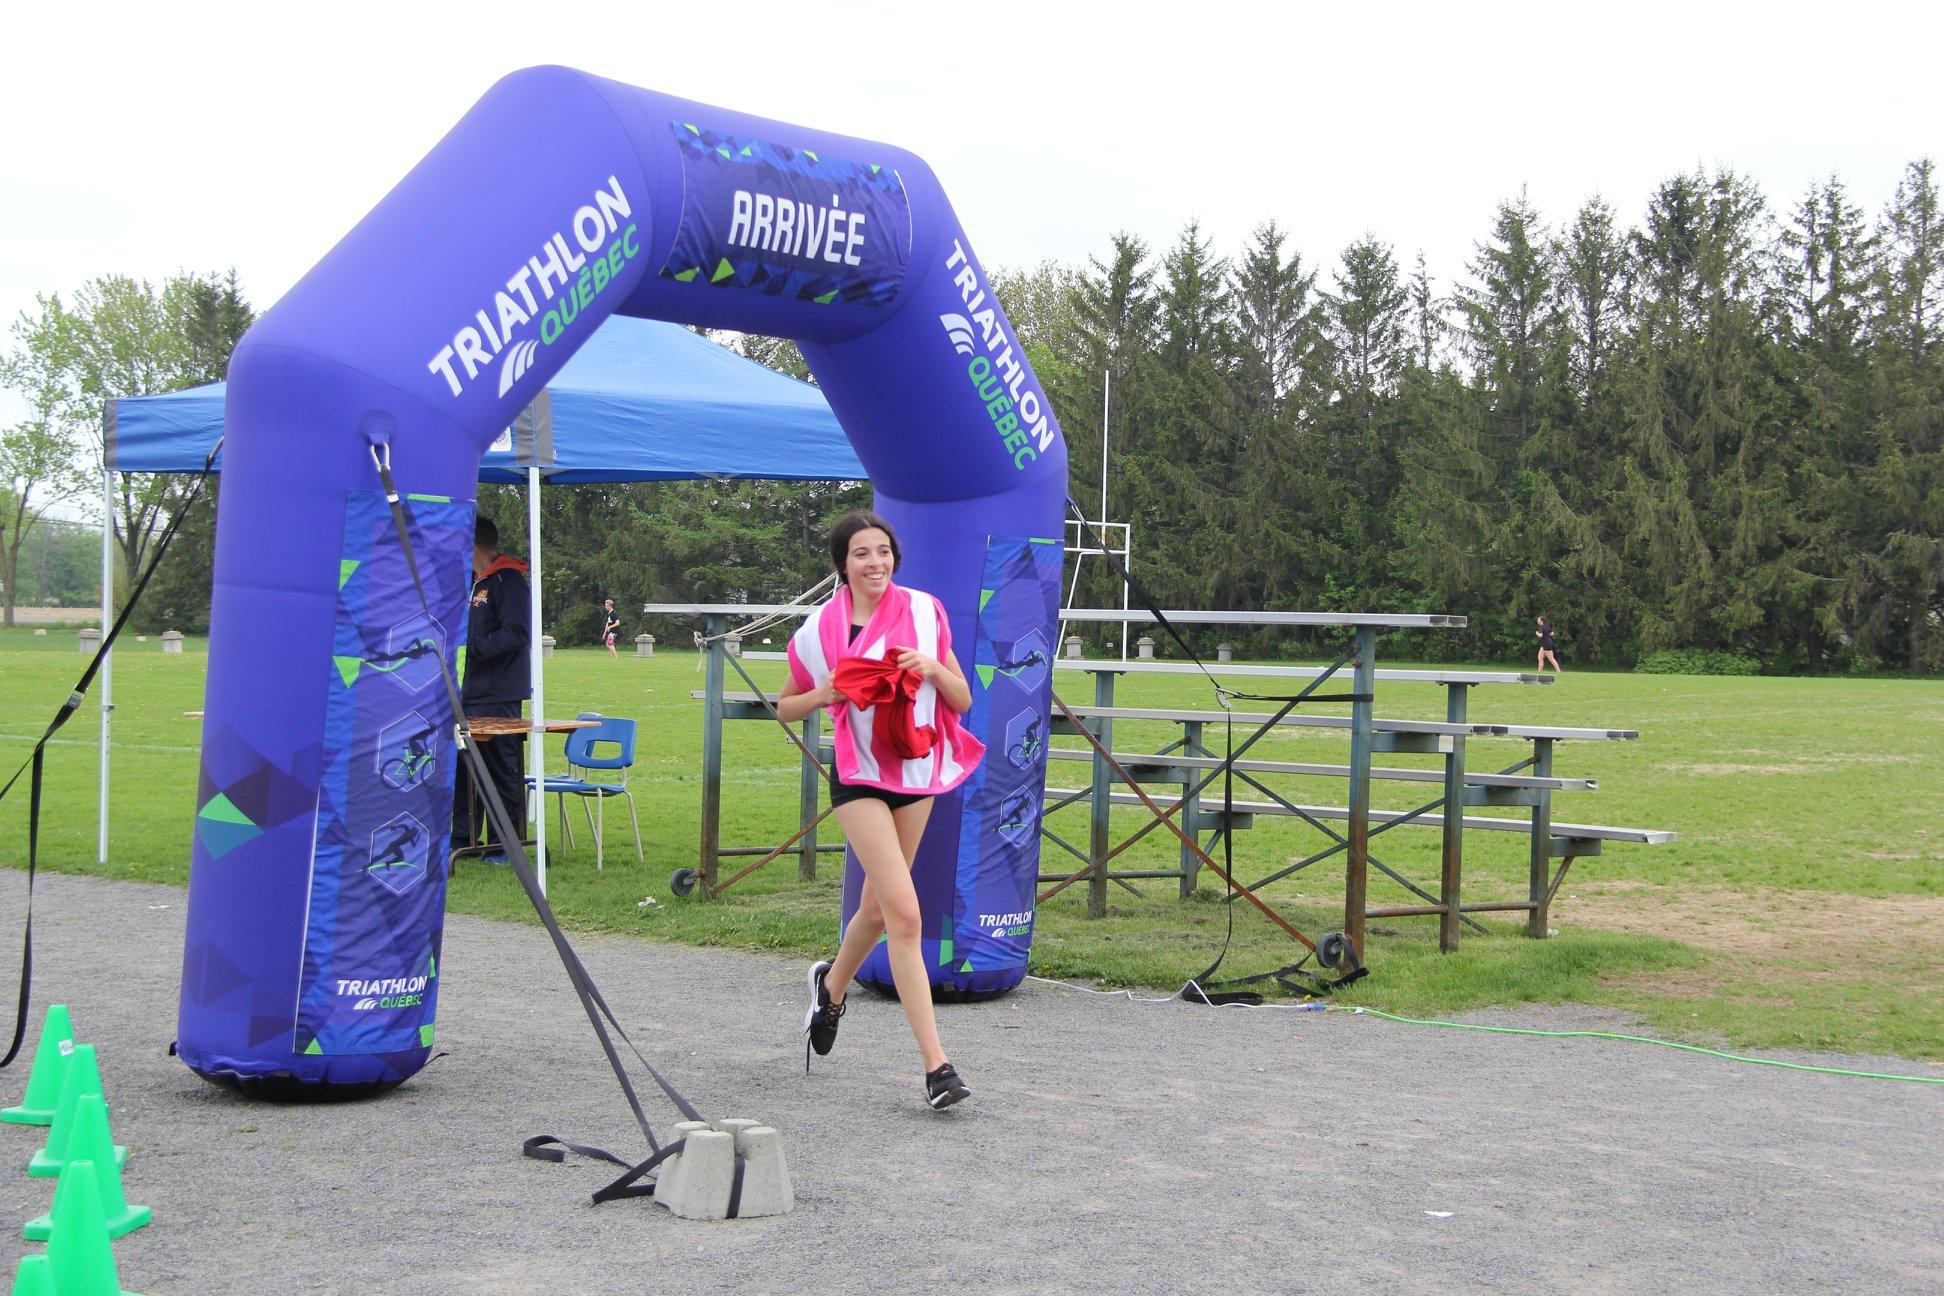 Triathlon Julie-Pothier